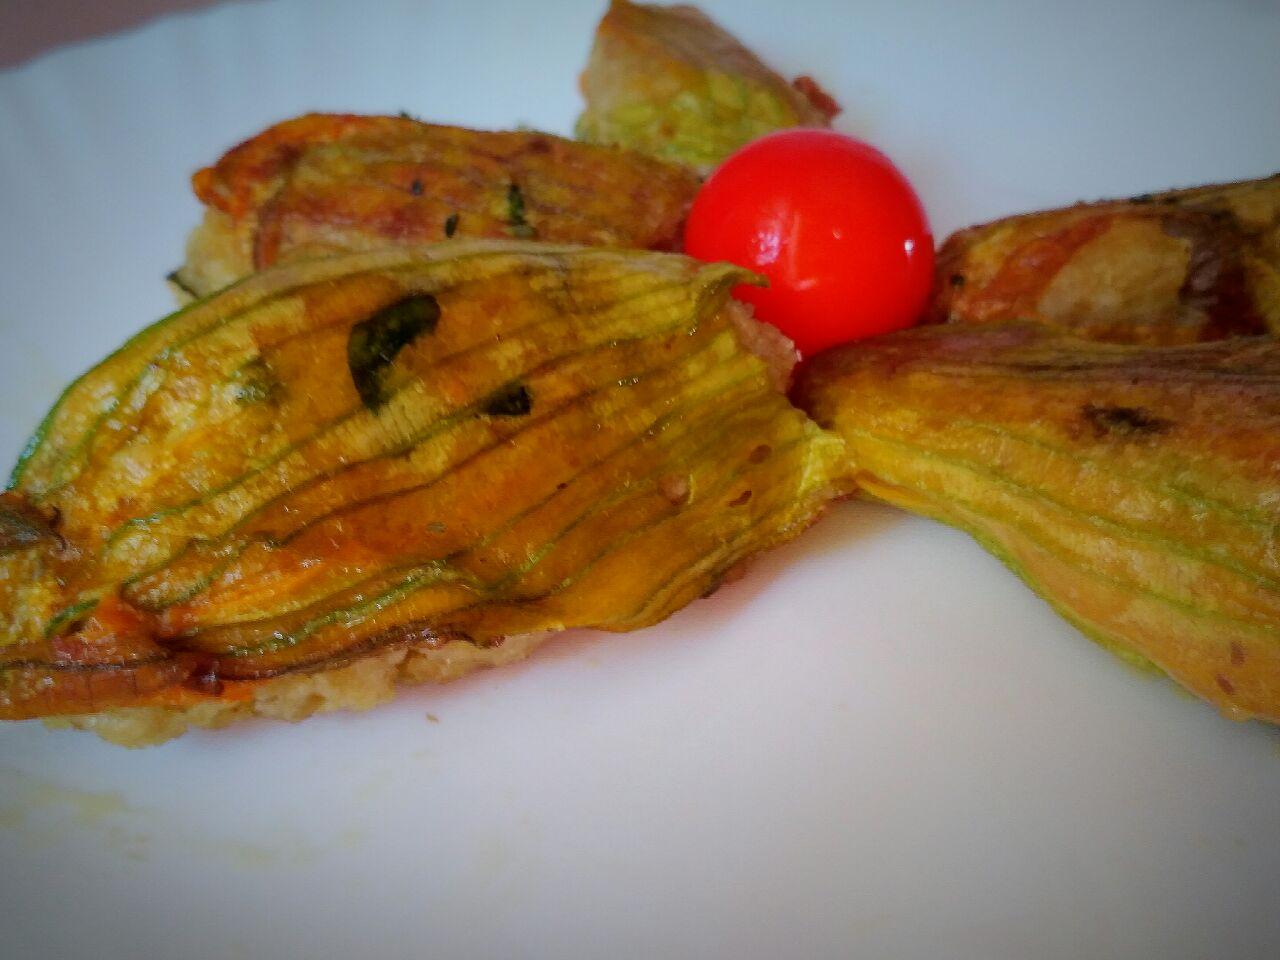 Fiori di zucca ripieni: ricetta facile e veloce